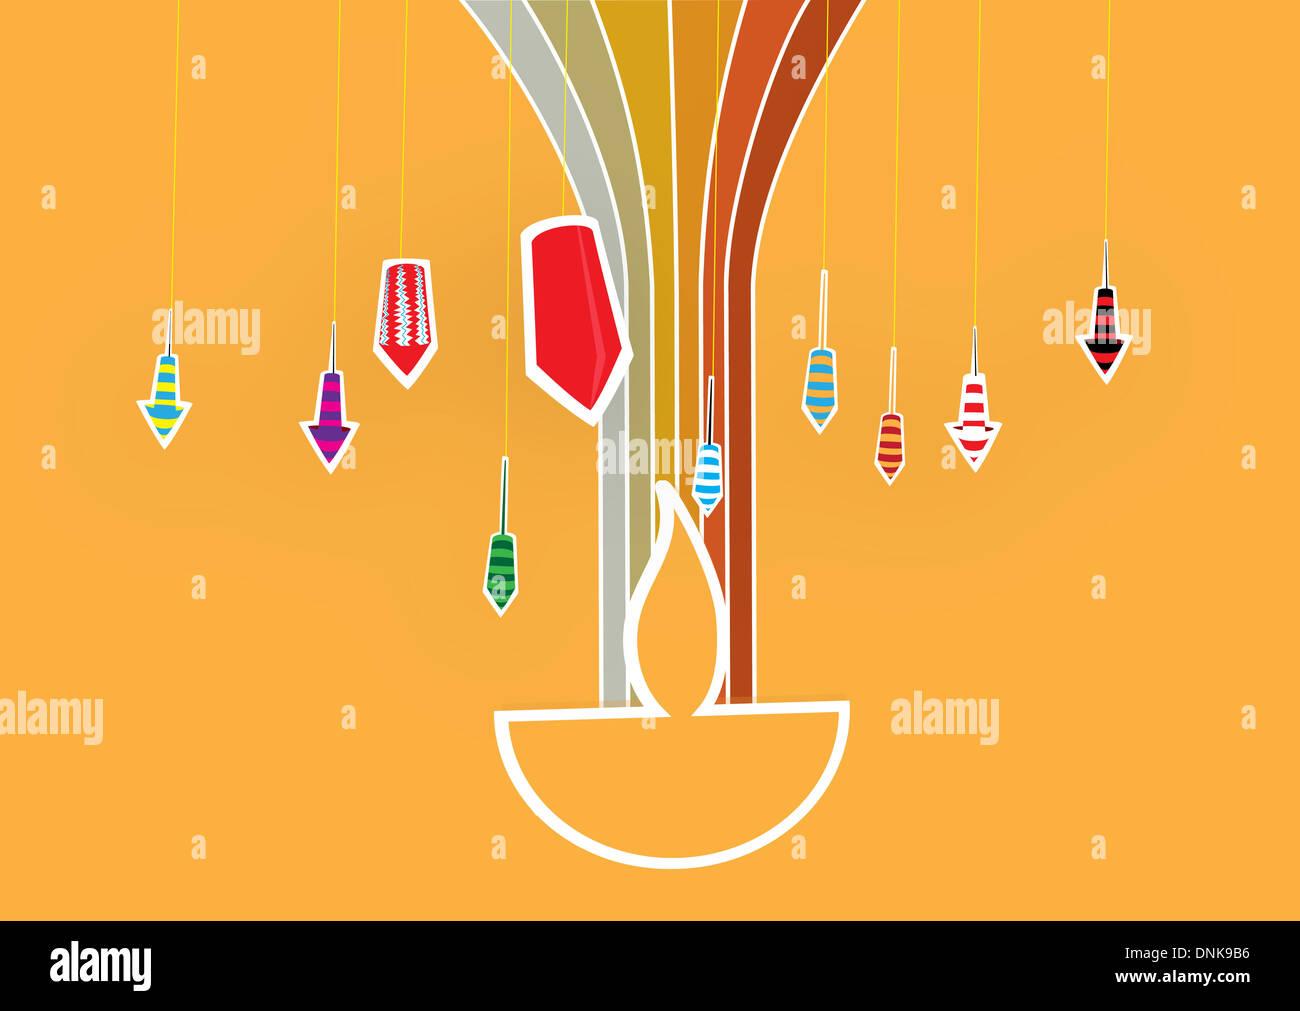 Diwali lampada a petrolio con petardi isolati su sfondo arancione Foto Stock